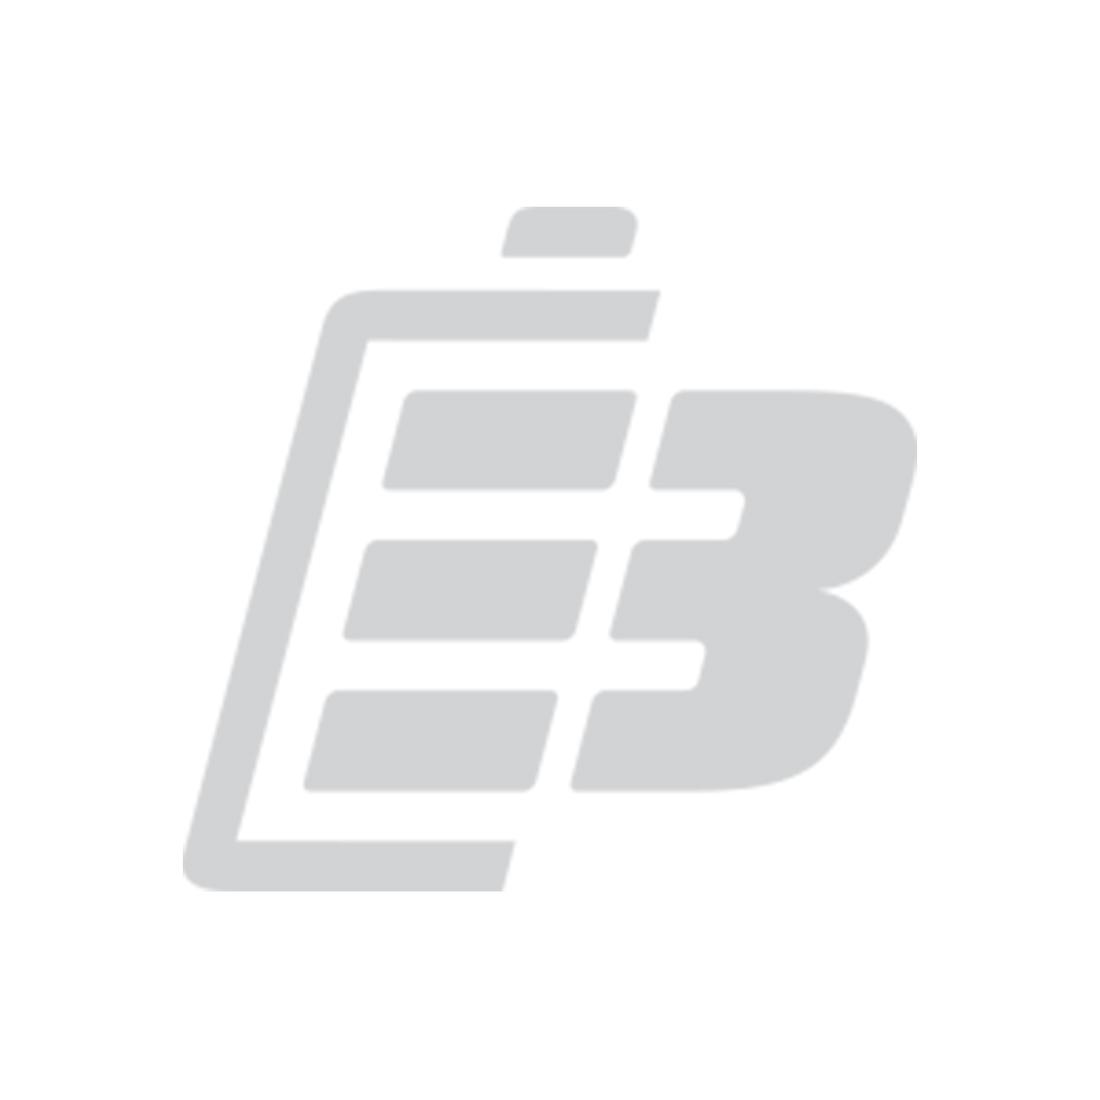 Smartphone battery Dell Streak Mini 5_1